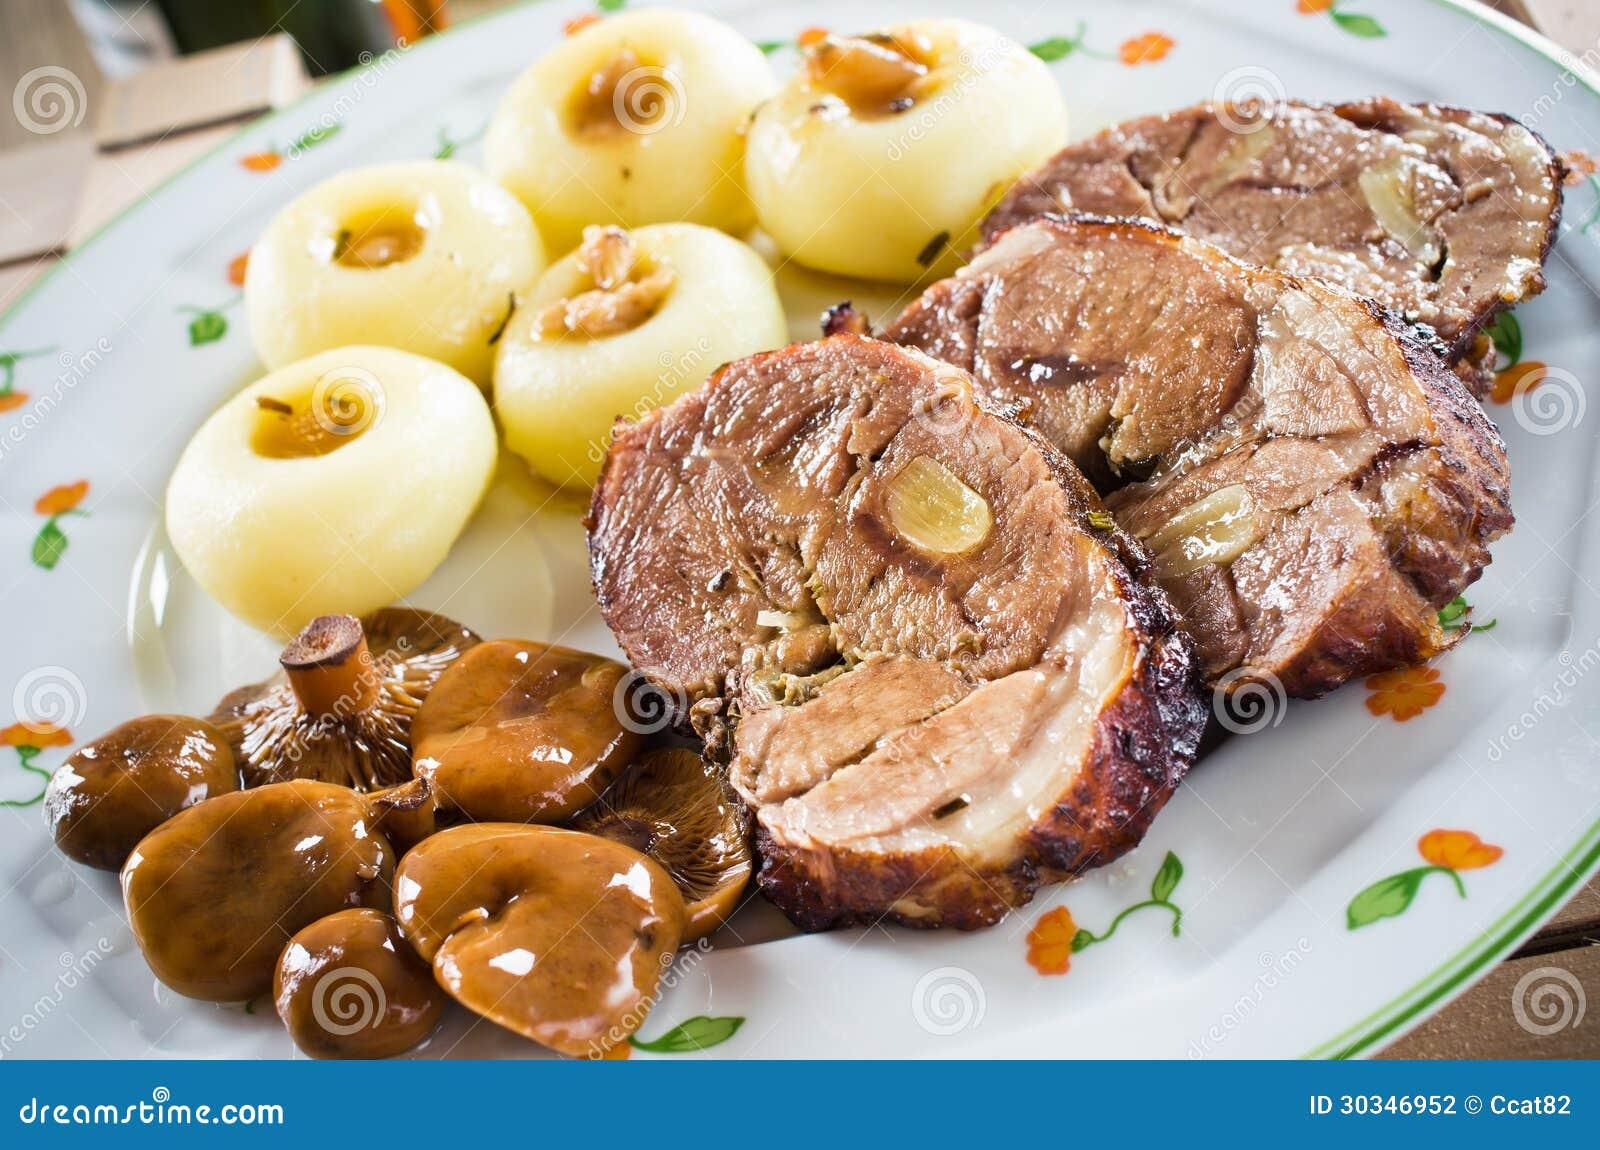 ... easy marinated roasted and marinated mushrooms easy marinated roasted